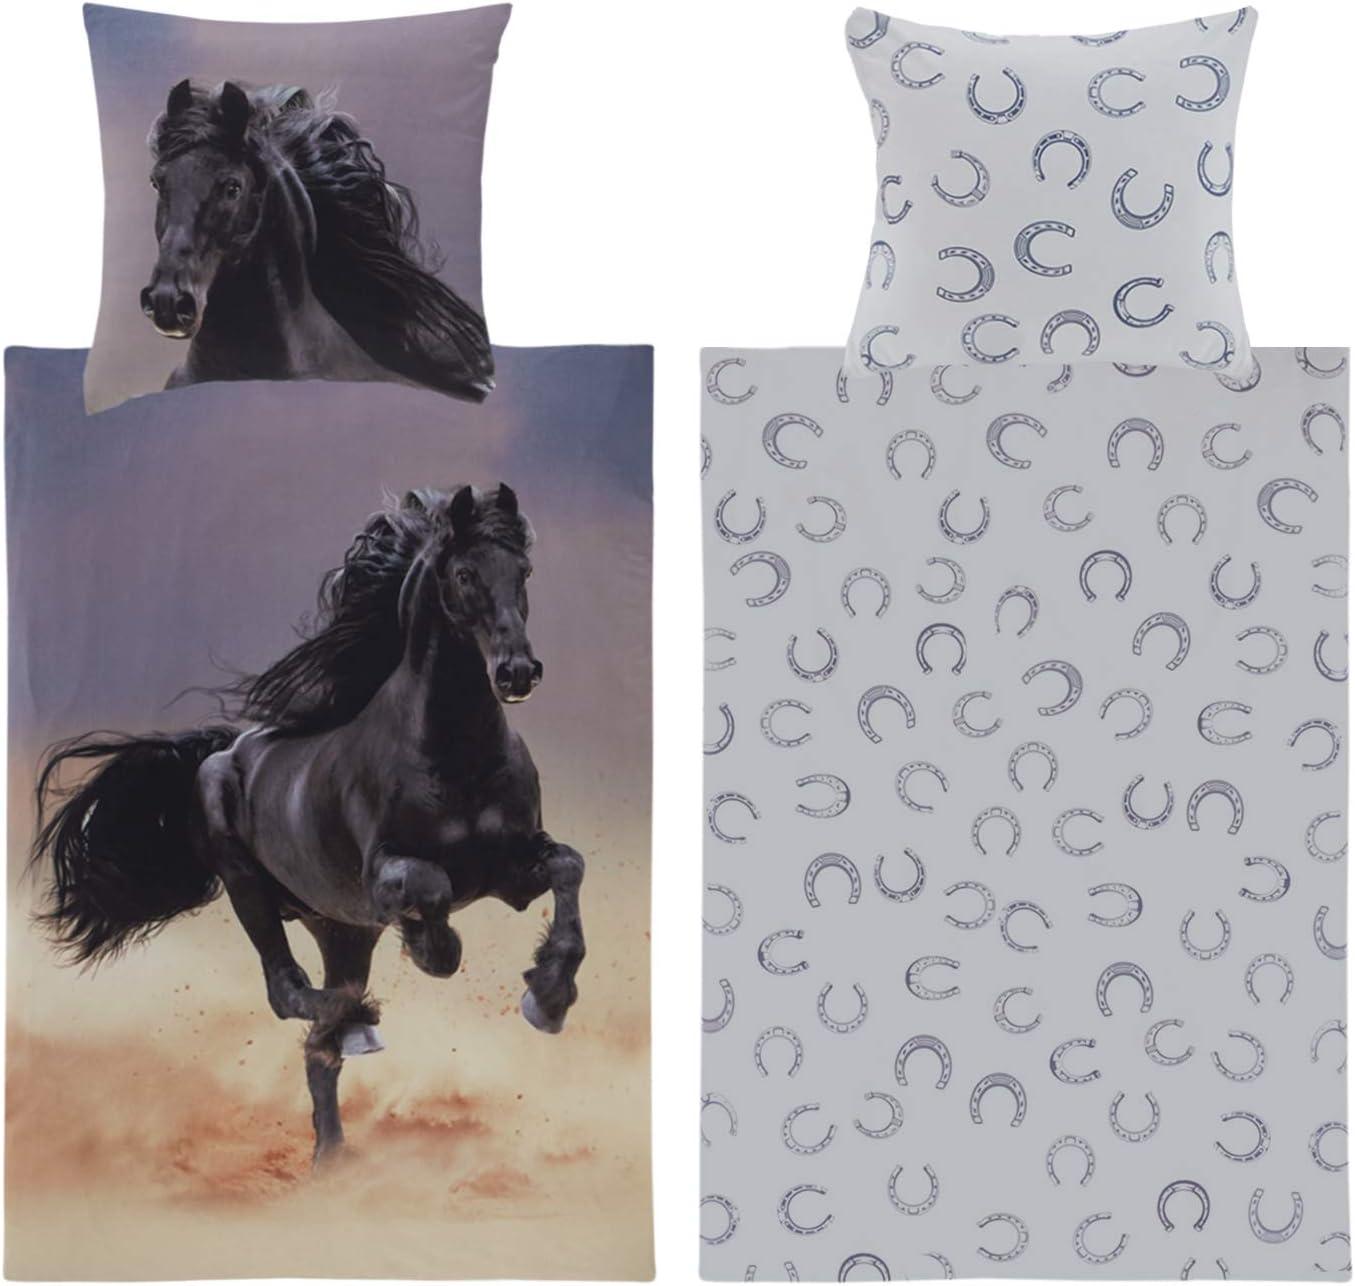 Ropa de cama de 135 x 200 cm, diseño de caballos, para niñas, de algodón, con cremallera YKK, reversible, color negro, ropa de cama infantil, juveniles y adolescentes